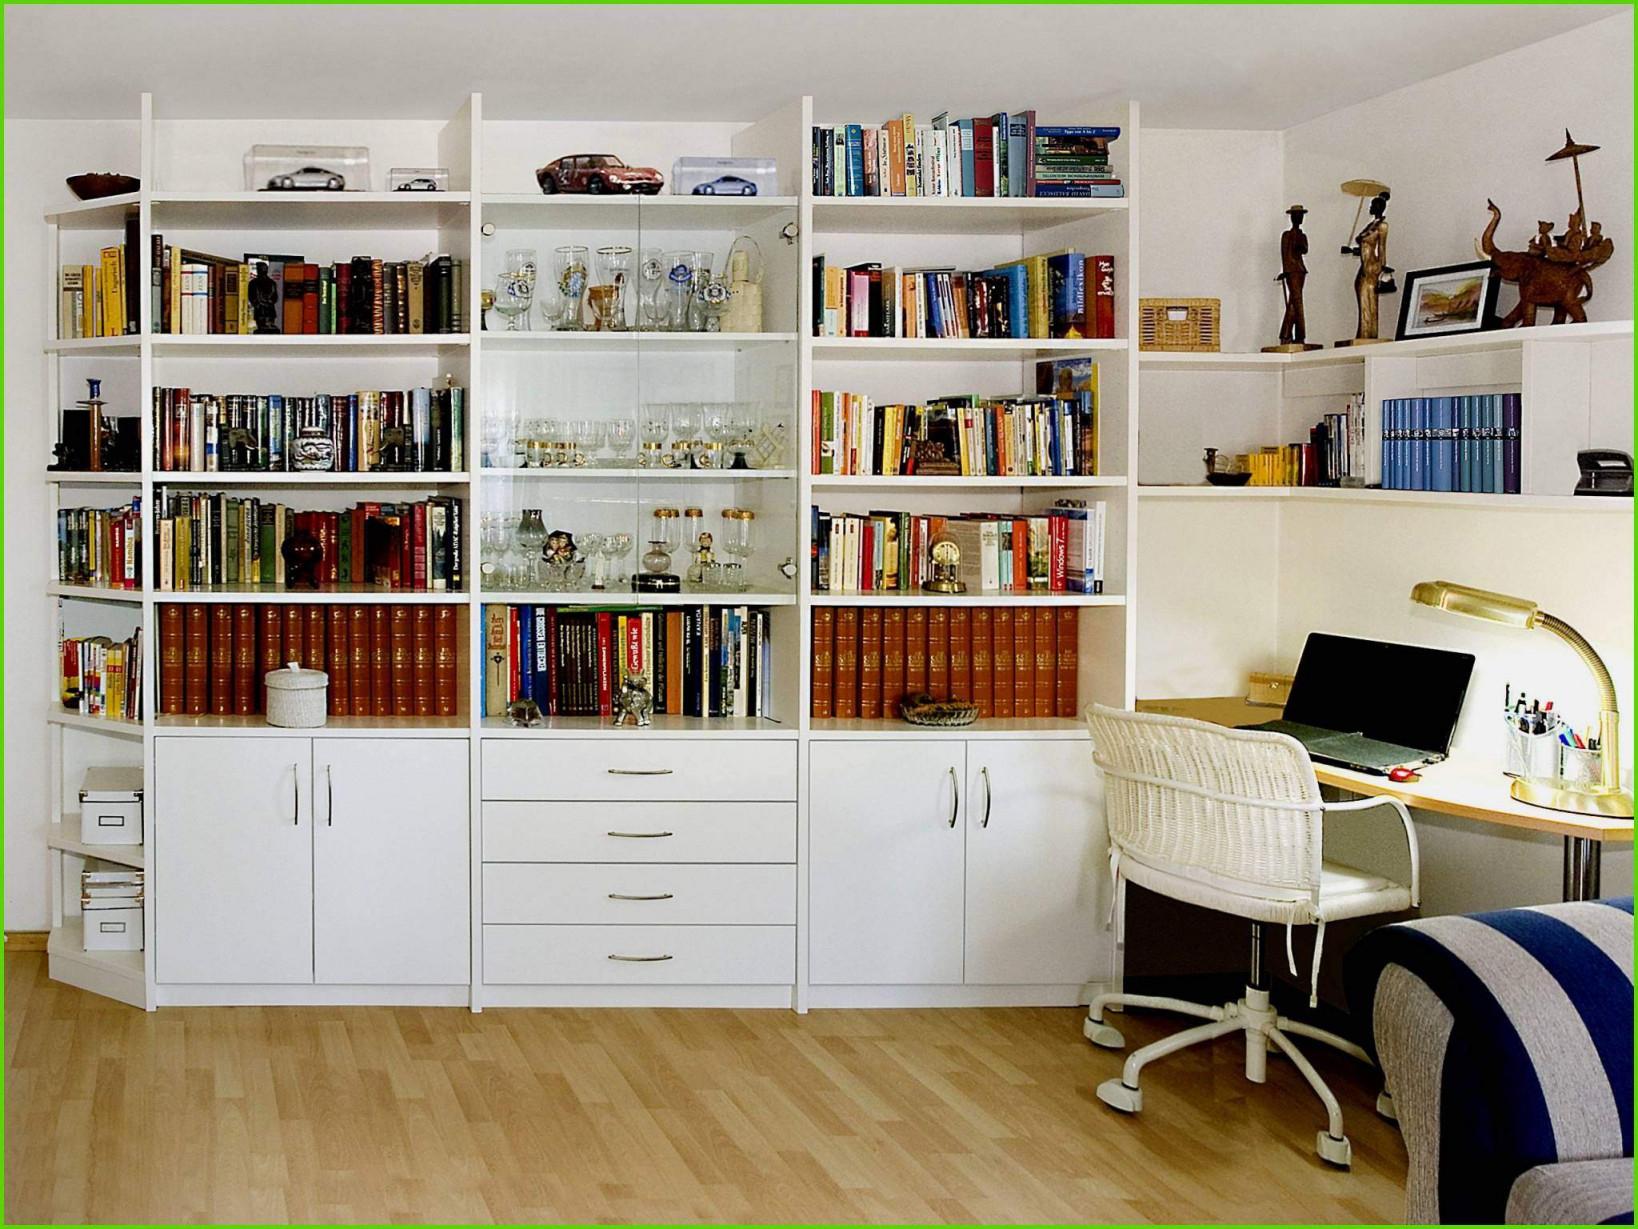 Wohnzimmer Schrankwand Weiß Neu Bücherregal Wohnzimmer Ideen von Bücherregal Wohnzimmer Ideen Photo